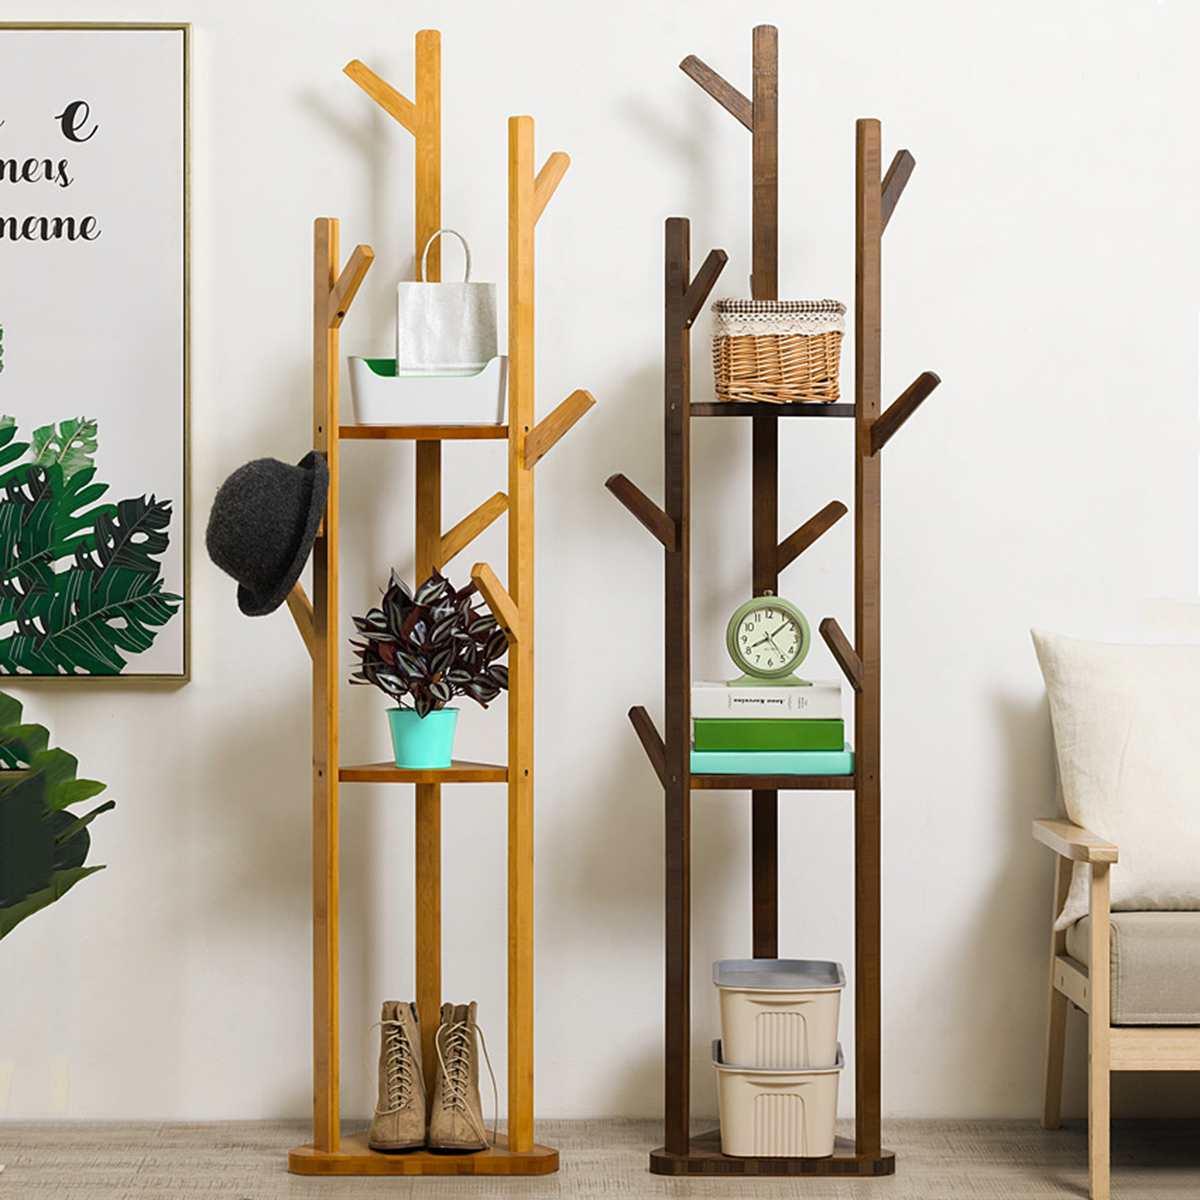 8 crochets 3 couches étagère solide bambou cintre sol debout porte-manteau meubles de maison vêtements suspendus Rack de stockage